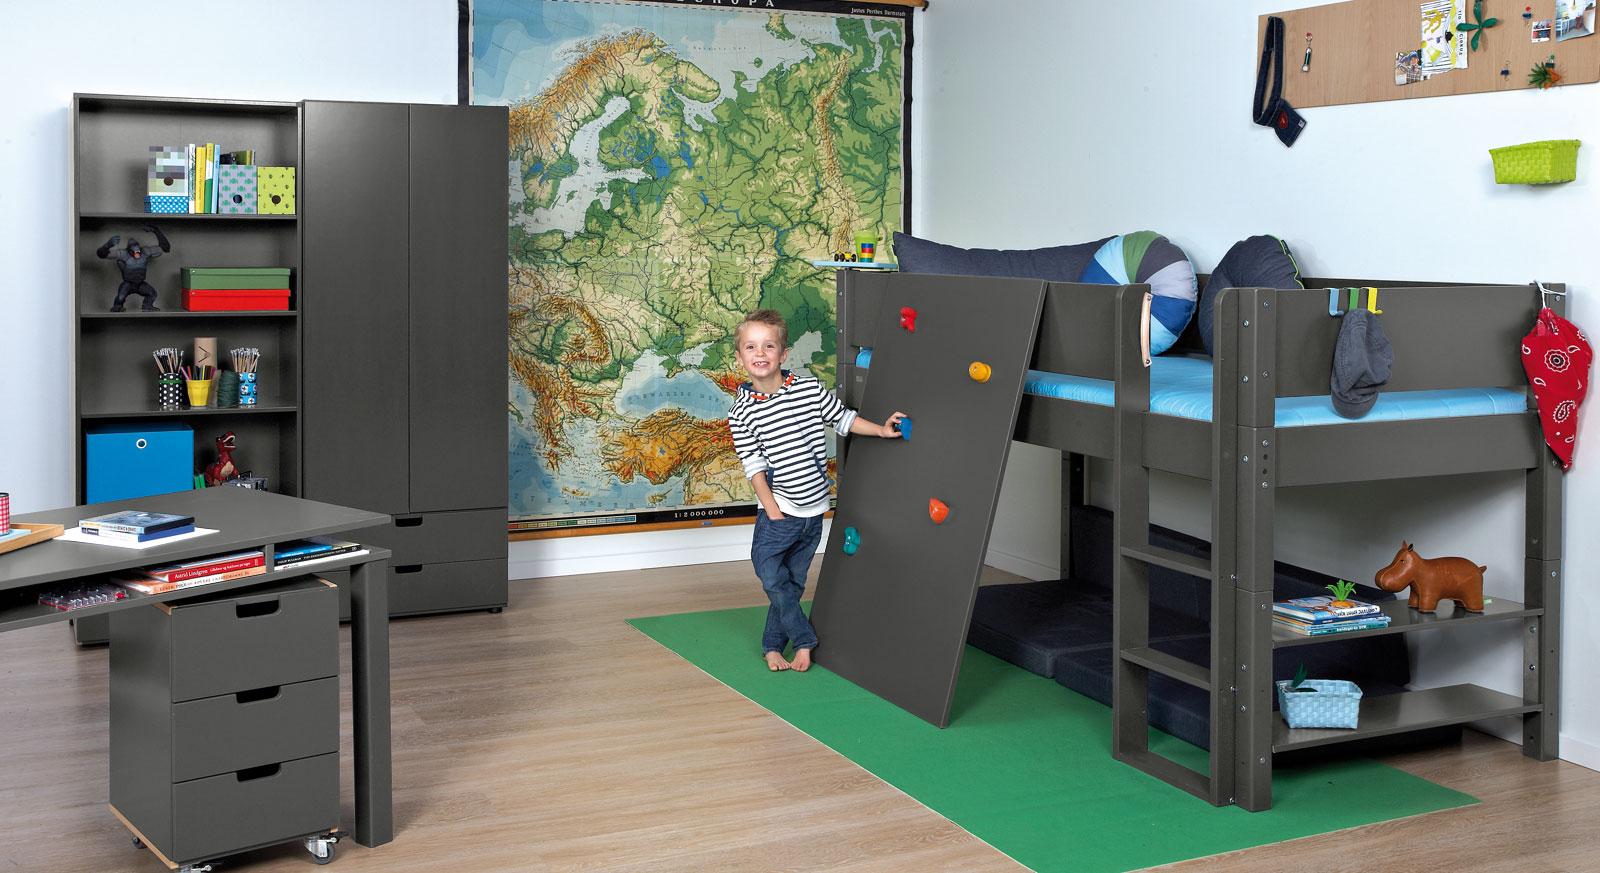 Kinderzimmer mit hochbett  Abenteuer-Kinderzimmer mit Hochbett & Kletterwand - Kids Town